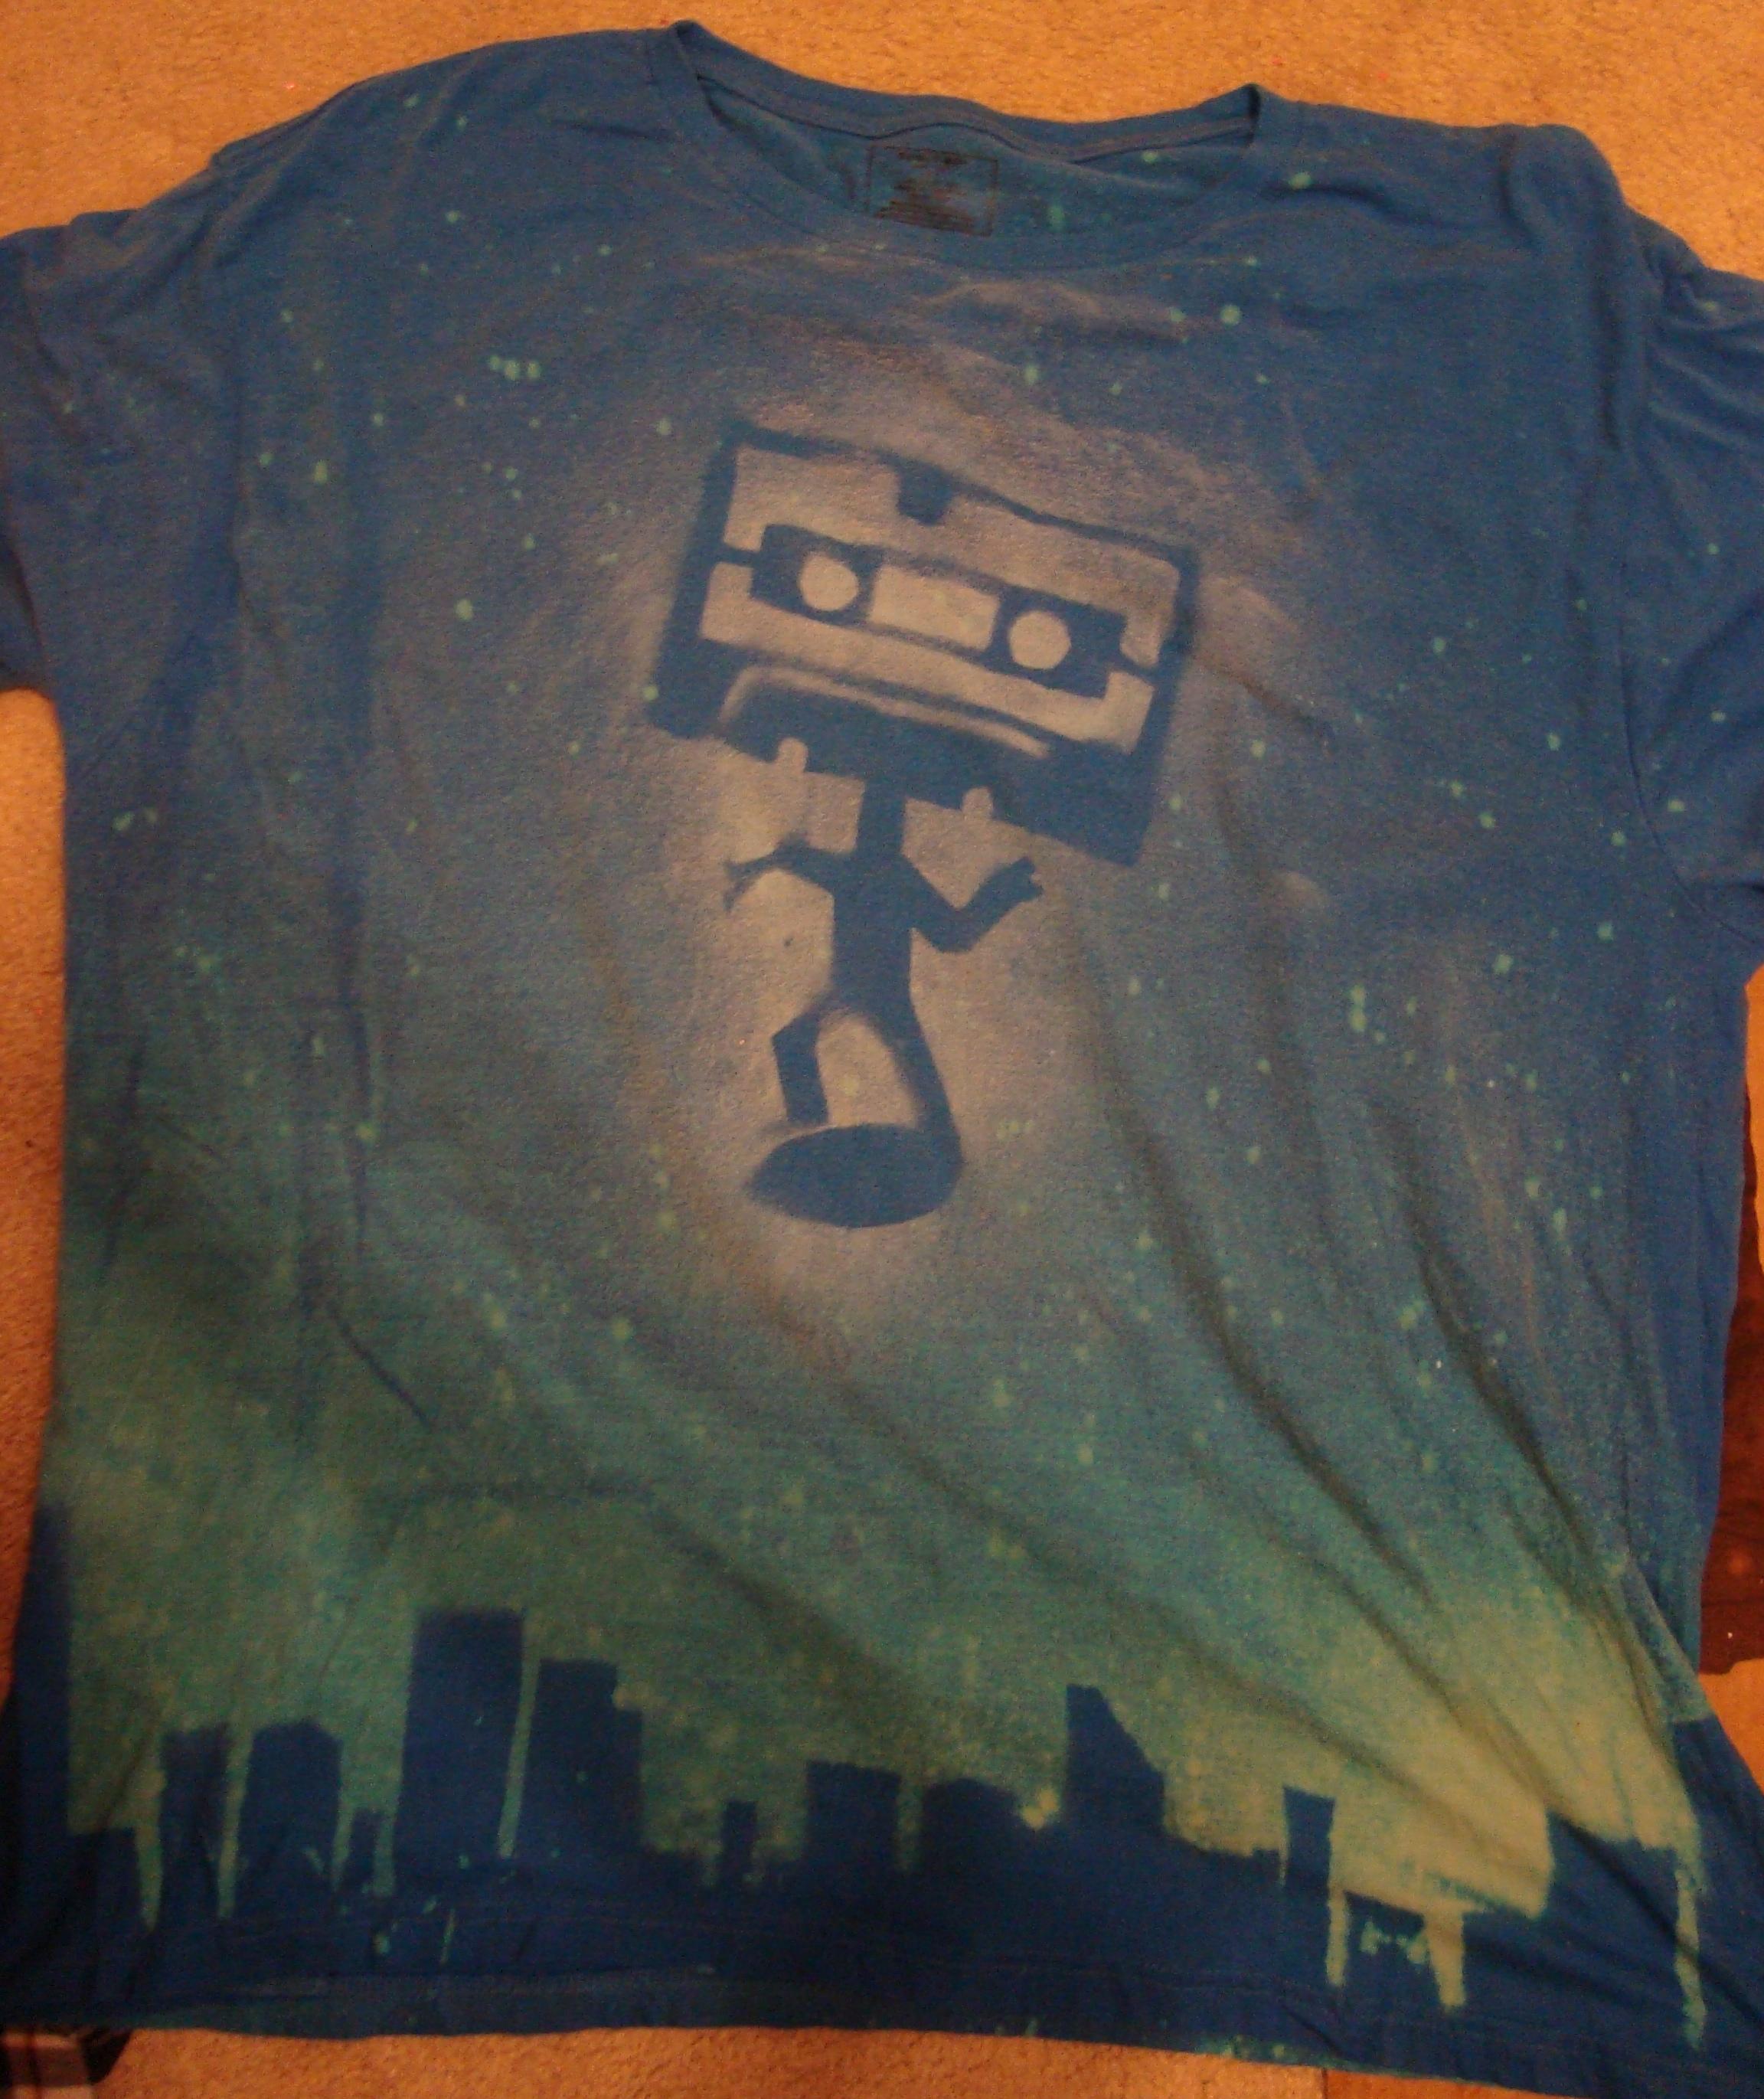 Spray paint+Bleach+T-shirts=Fun times